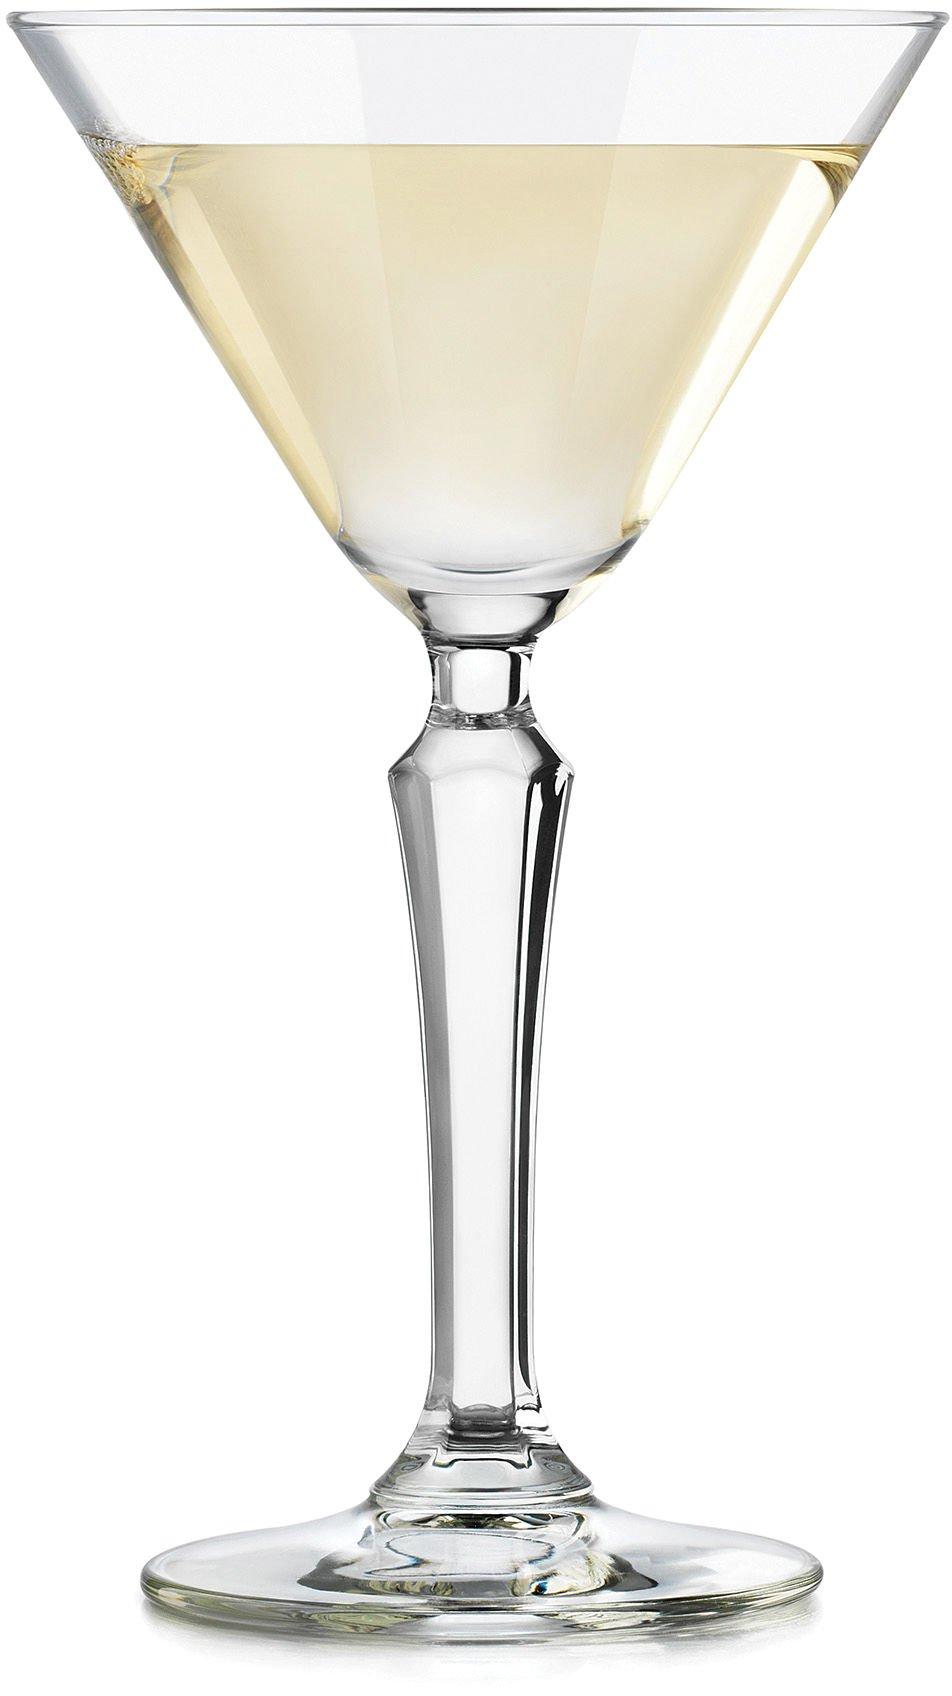 Capone 6.5 Oz. Martini Glass (Set of 4)